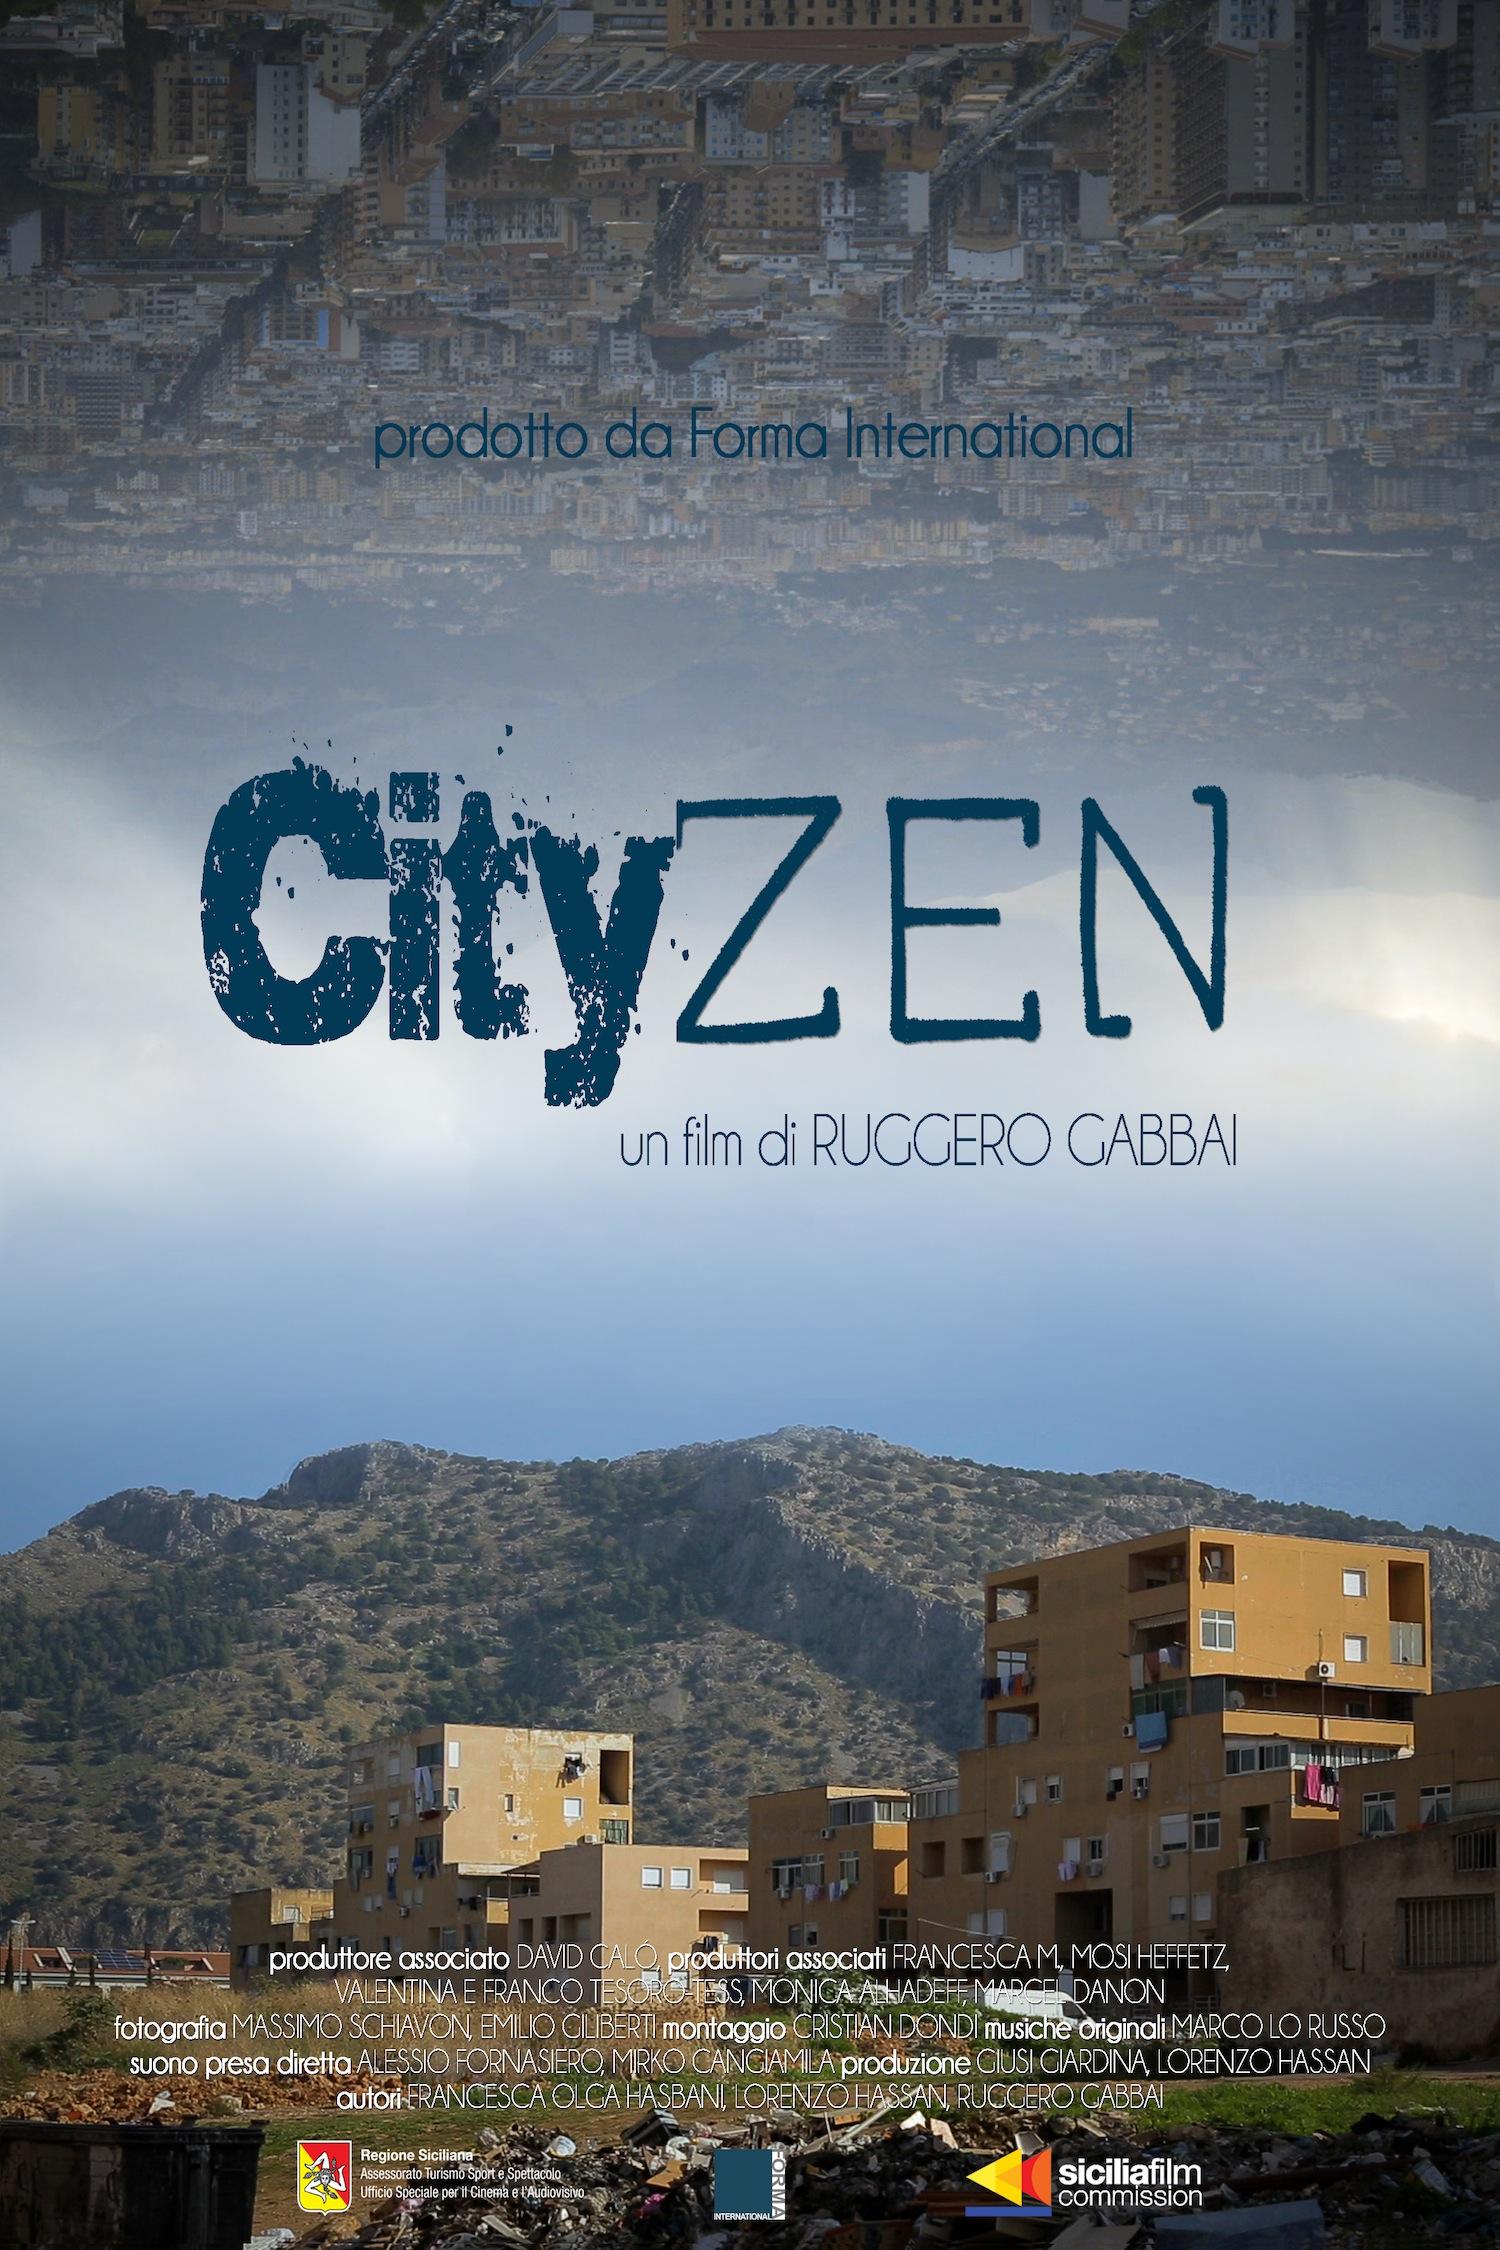 Cityzen by Ruggero Gabbai music by Marco Lo Russo